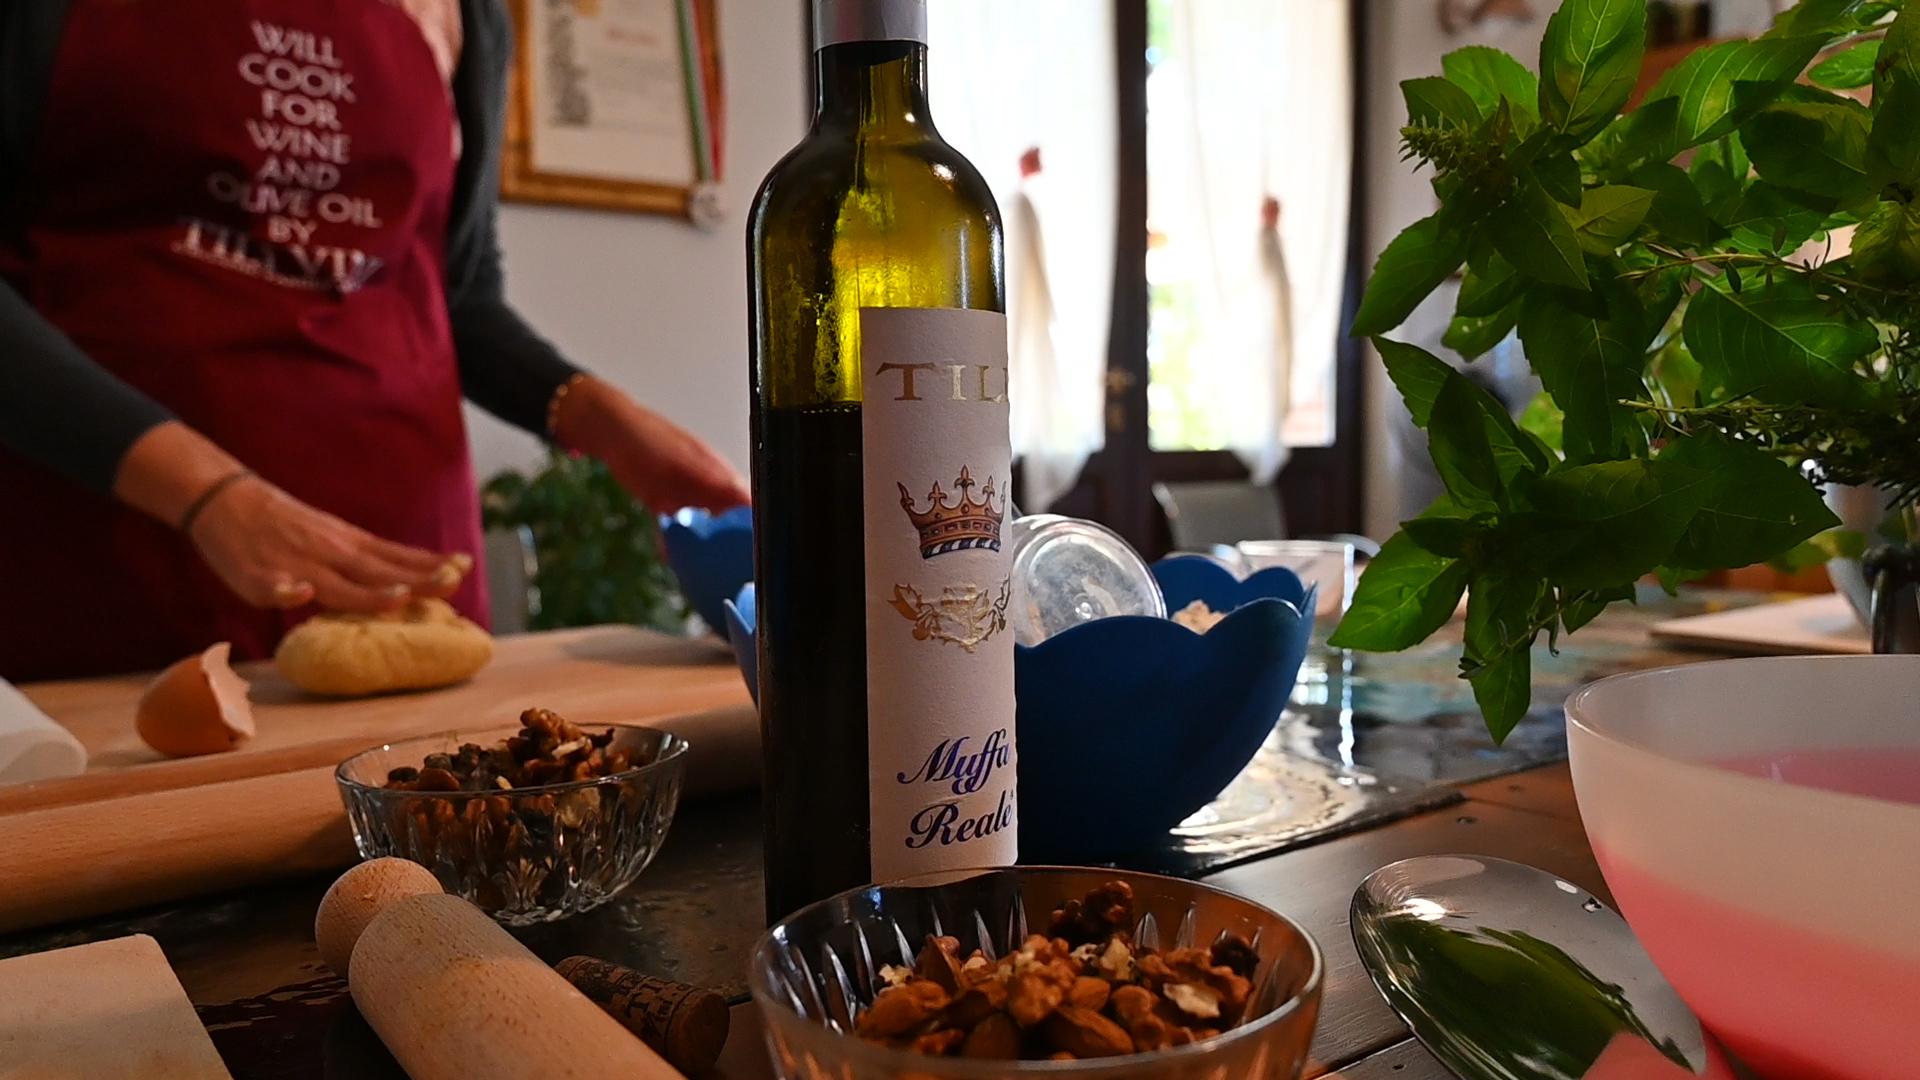 Esperienza sensoriale Assisi Tili Vini - Lezioni di cucina Umbra 11